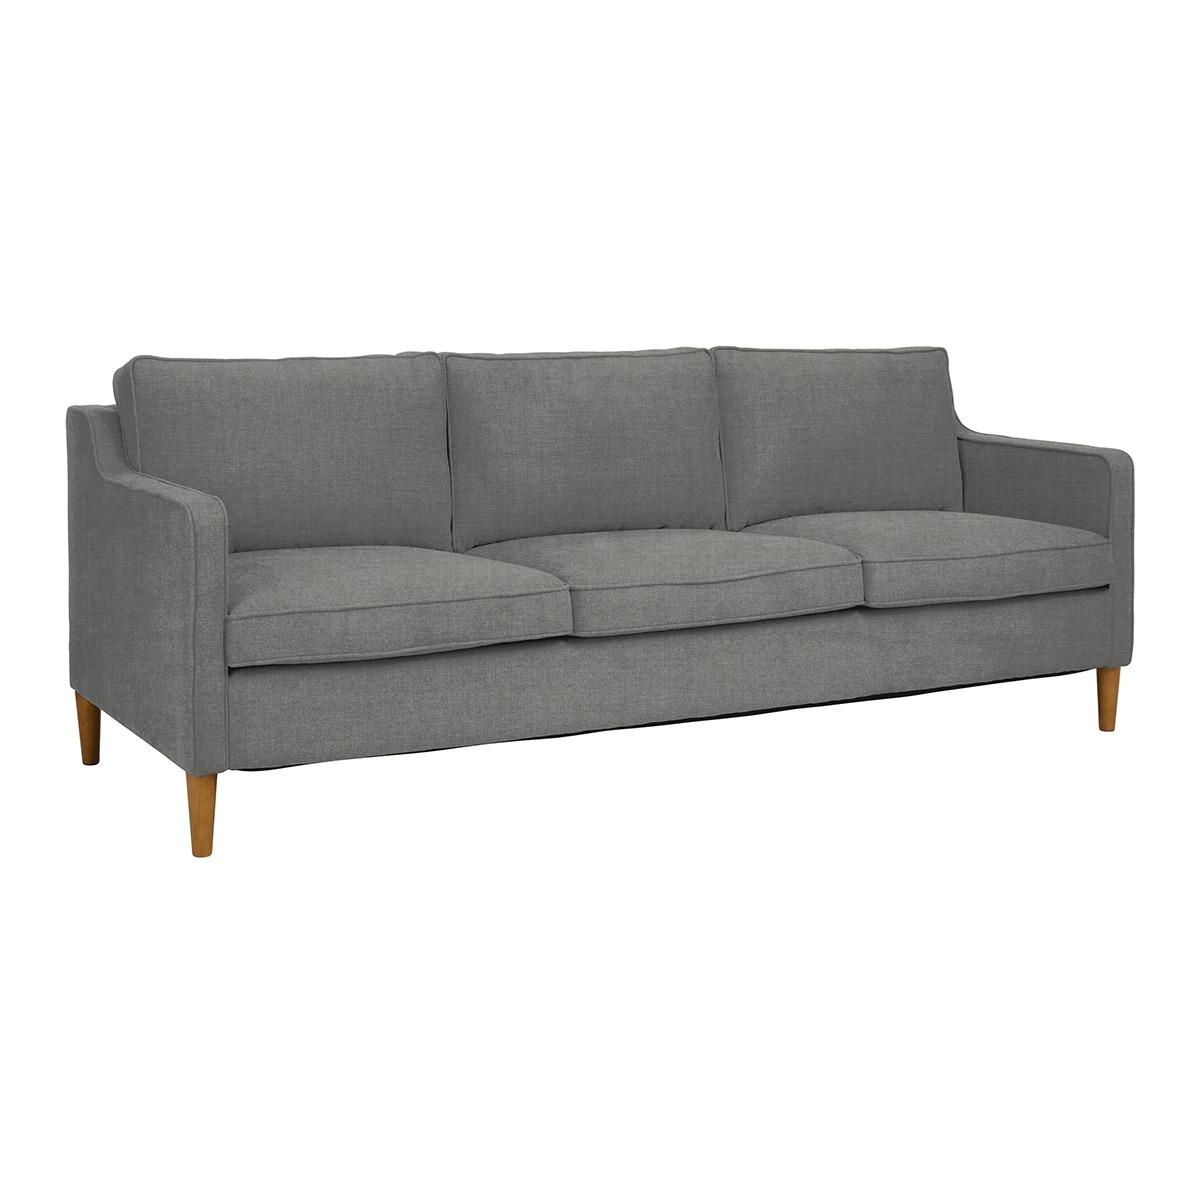 Sofá tapizado de 3 plazas Montreal Corte Inglés Medidas: 227 (ancho) x 76 (alto) x 91 (fondo) cm